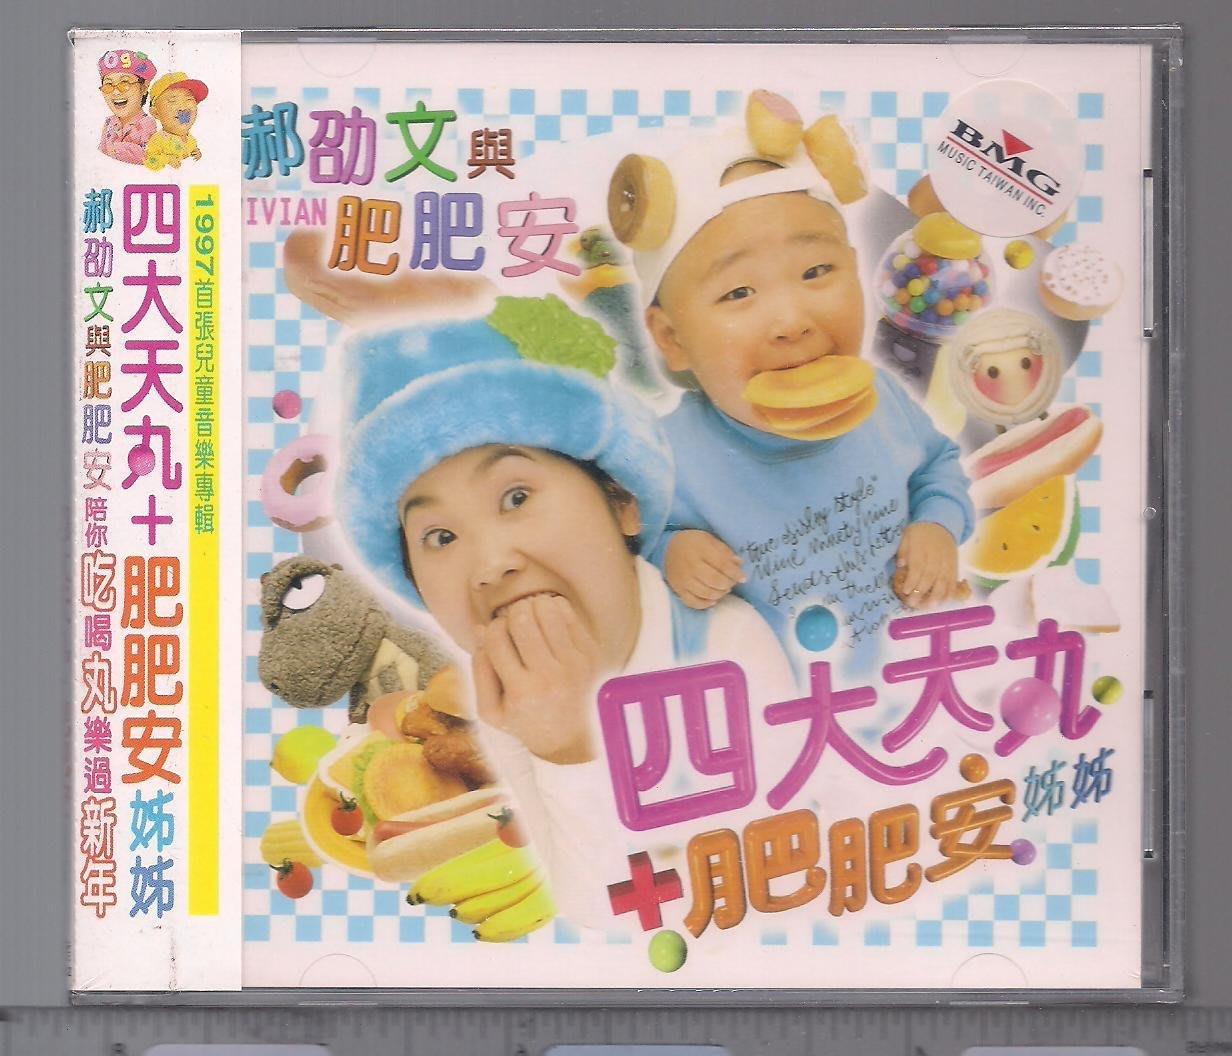 四大天丸 郝劭文與肥肥安姊姊 [ 瘋狂大吃客 ] CD未拆封